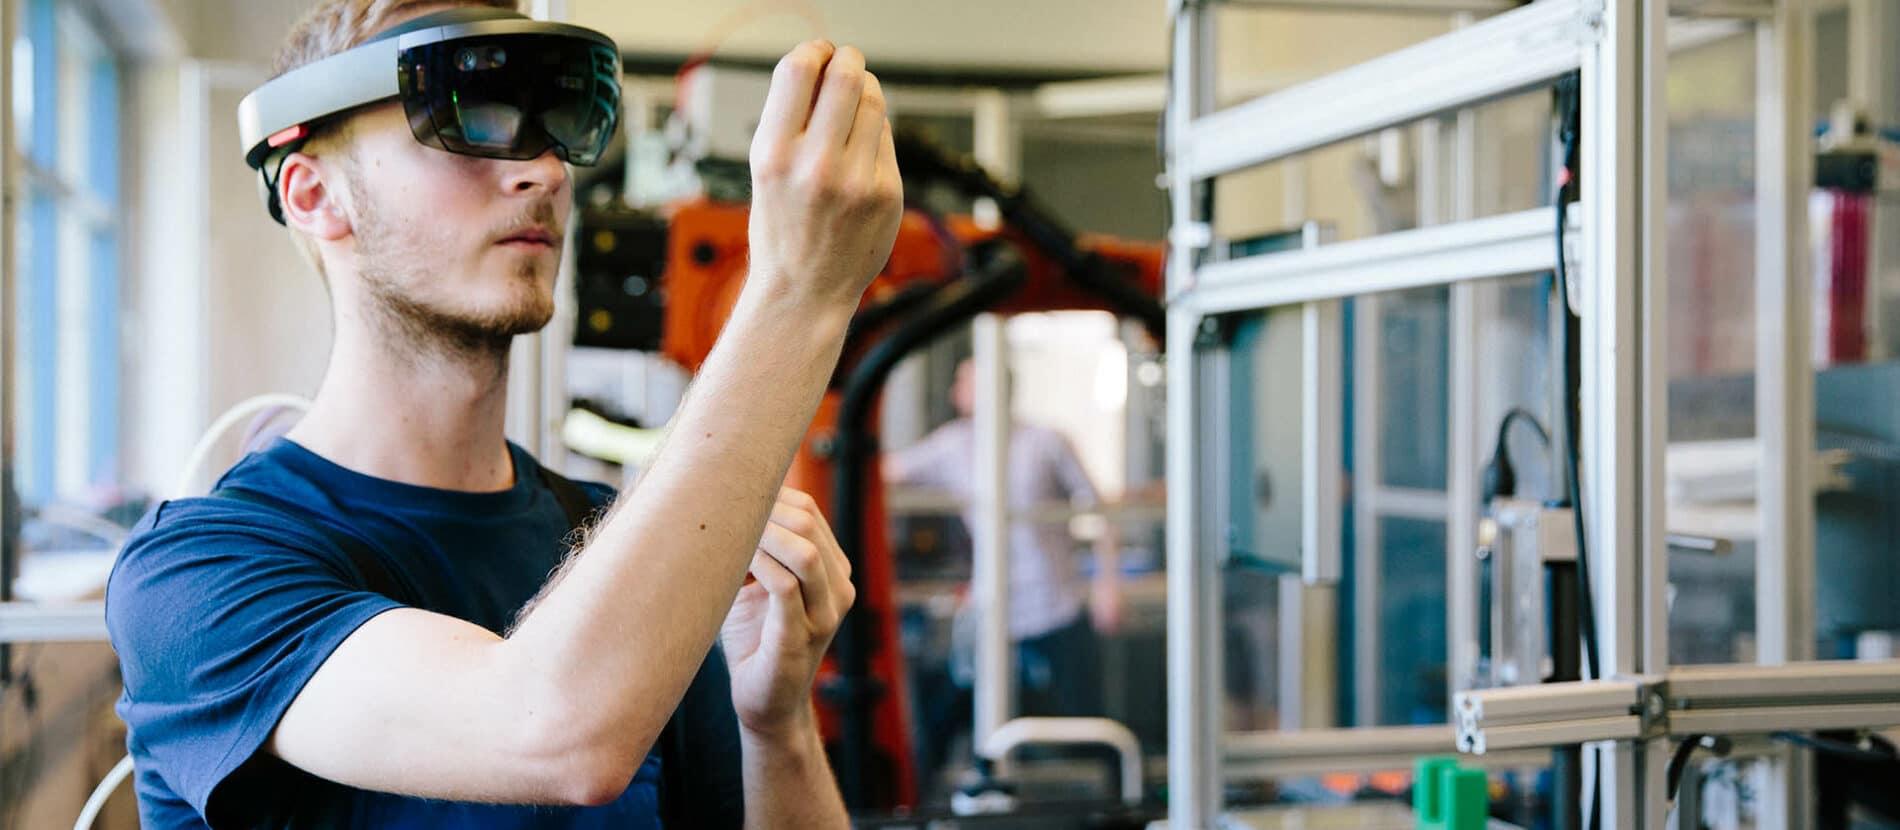 Homme testant de la réalité virtuelle